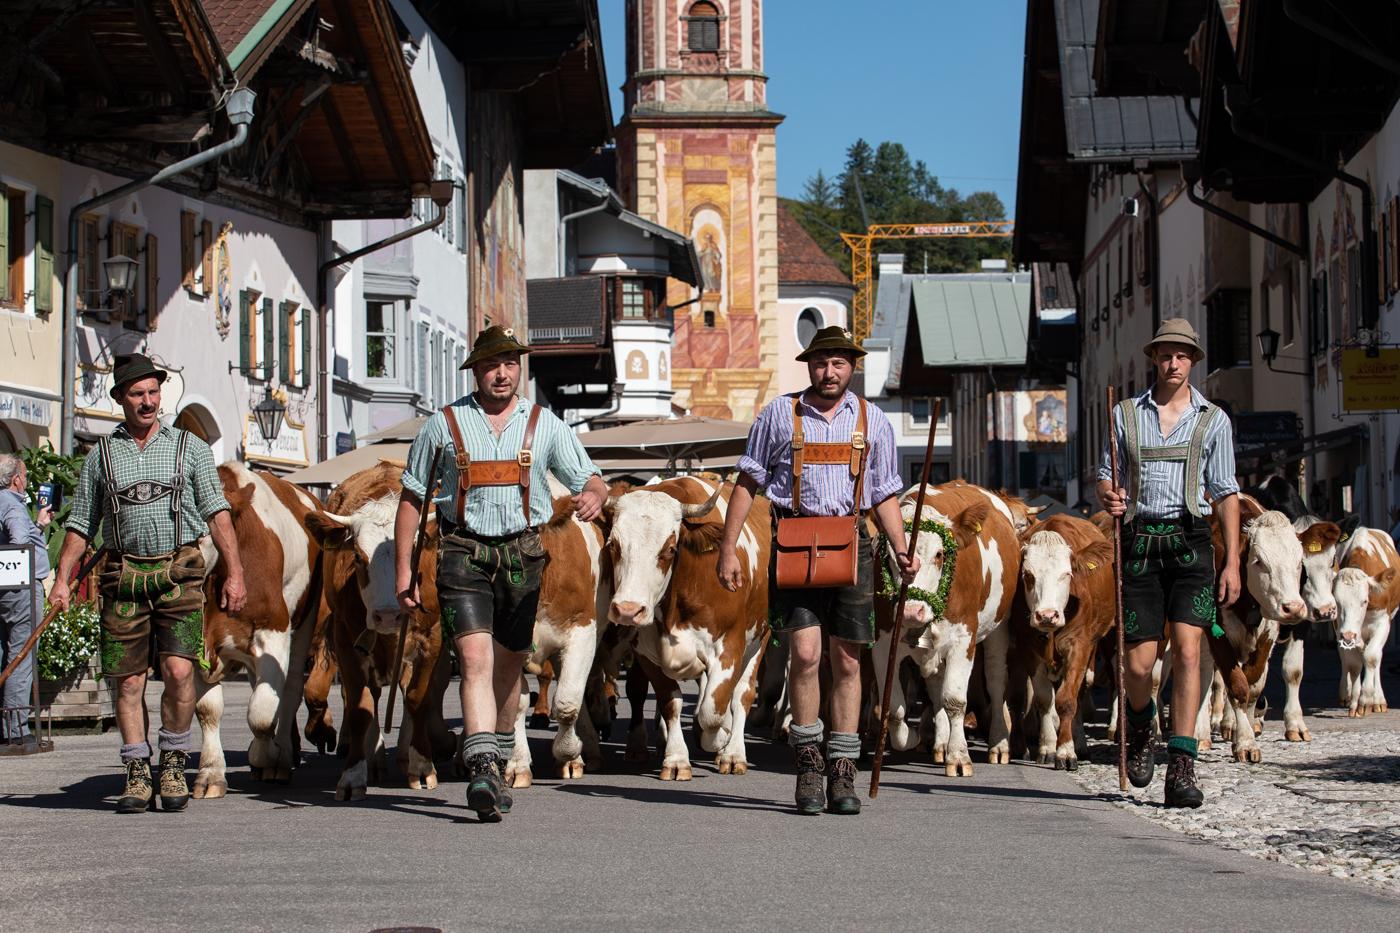 Rinderabtrieb 2021 in Mittenwald